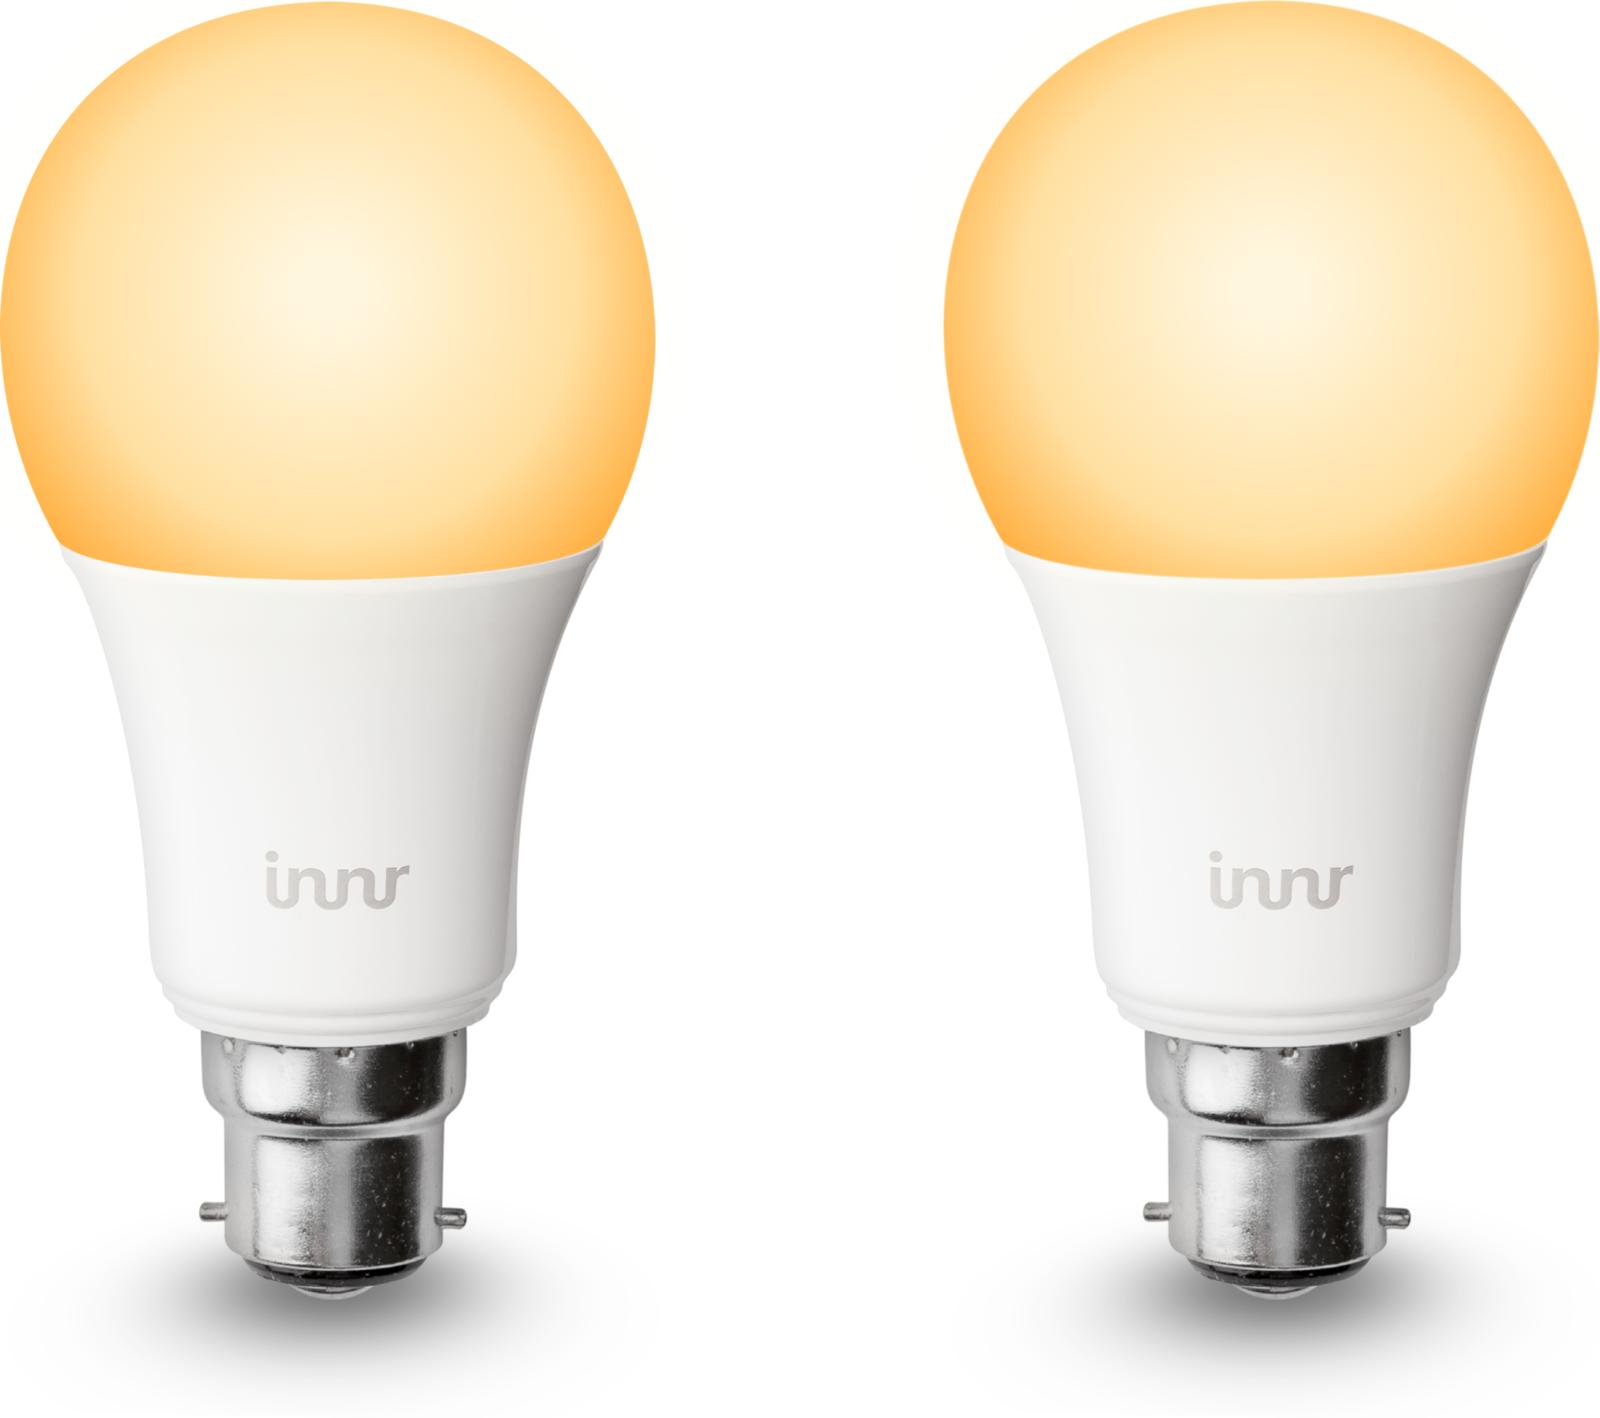 INNR Lighting 2x B22 smart led lamp, 2200K-5000K tunable white BY 178 T-2 - eet01